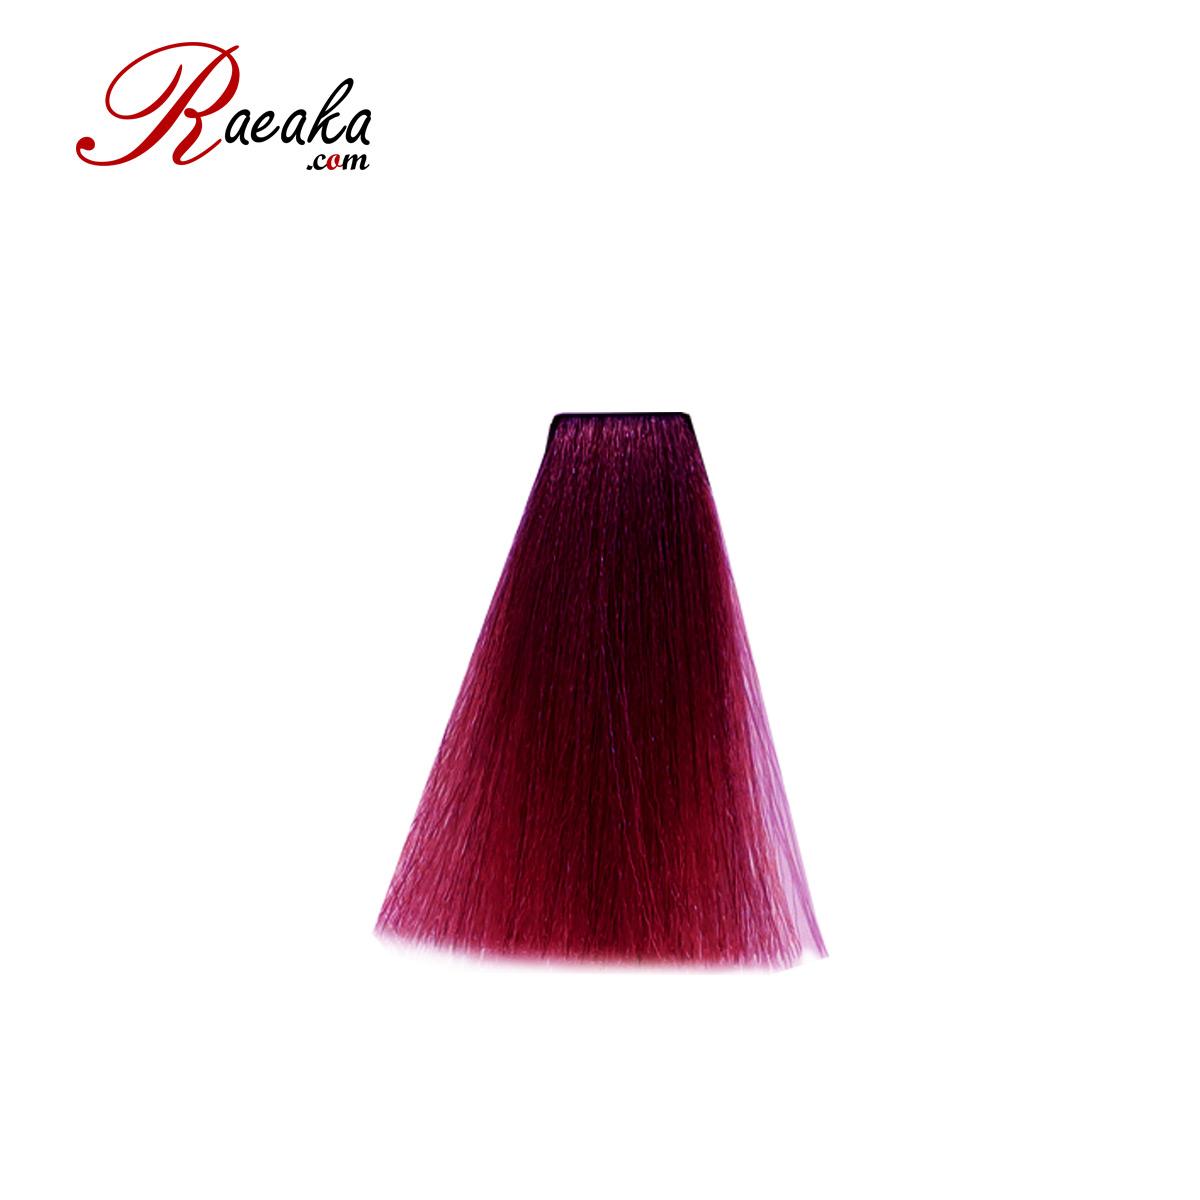 رنگ مو دوشس سری رنگ های جدید شماره 62-5 حجم 125 میلی لیتر